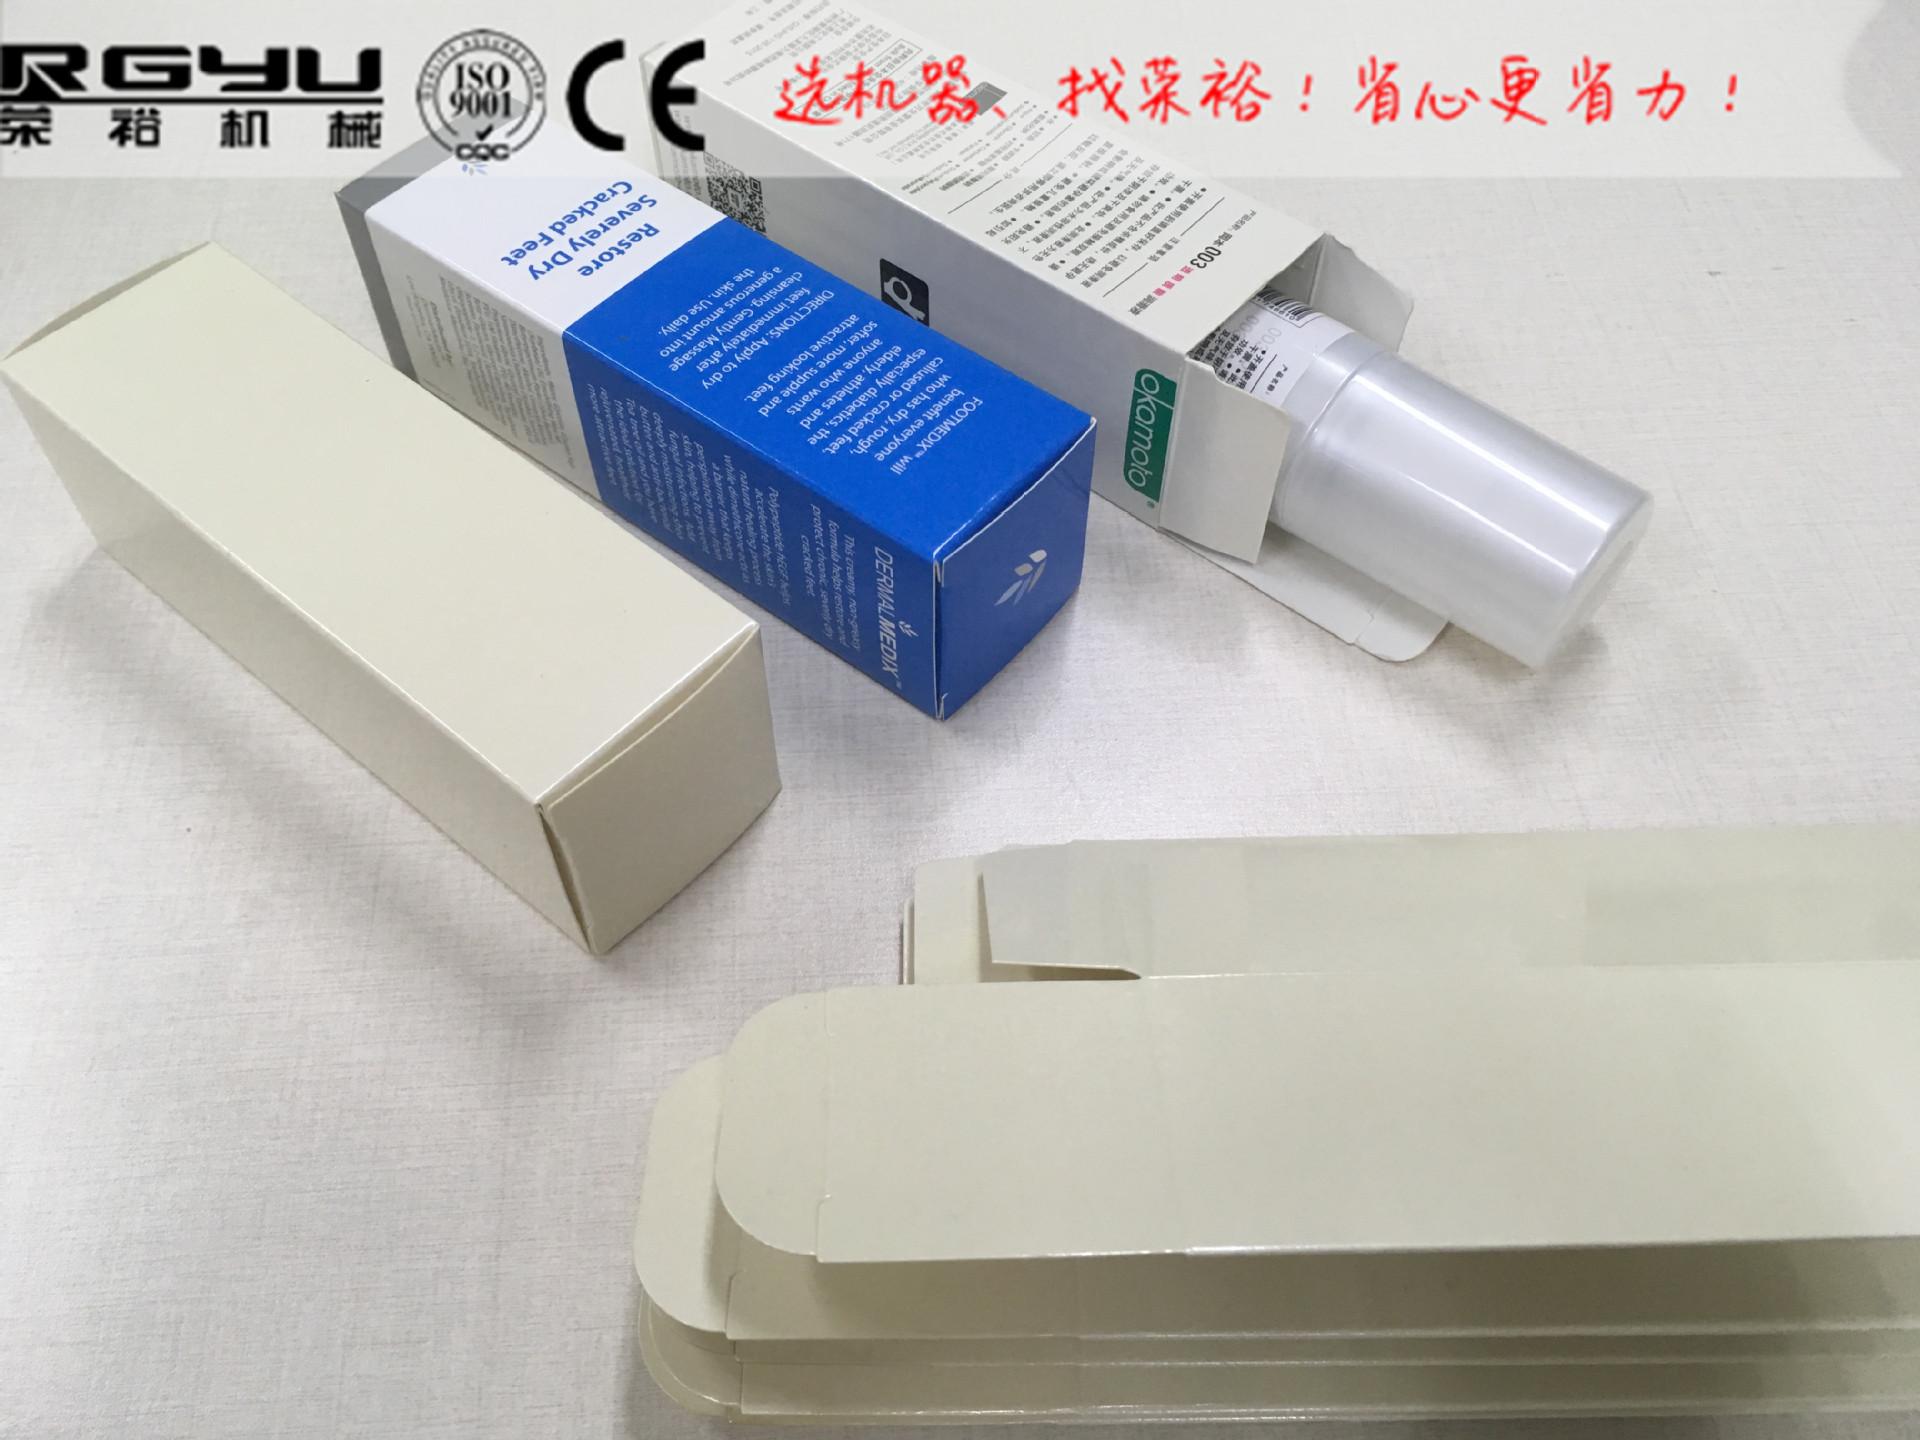 食品全自动装盒机 广州日用品自动包装设备 广州自动生产流水线示例图140